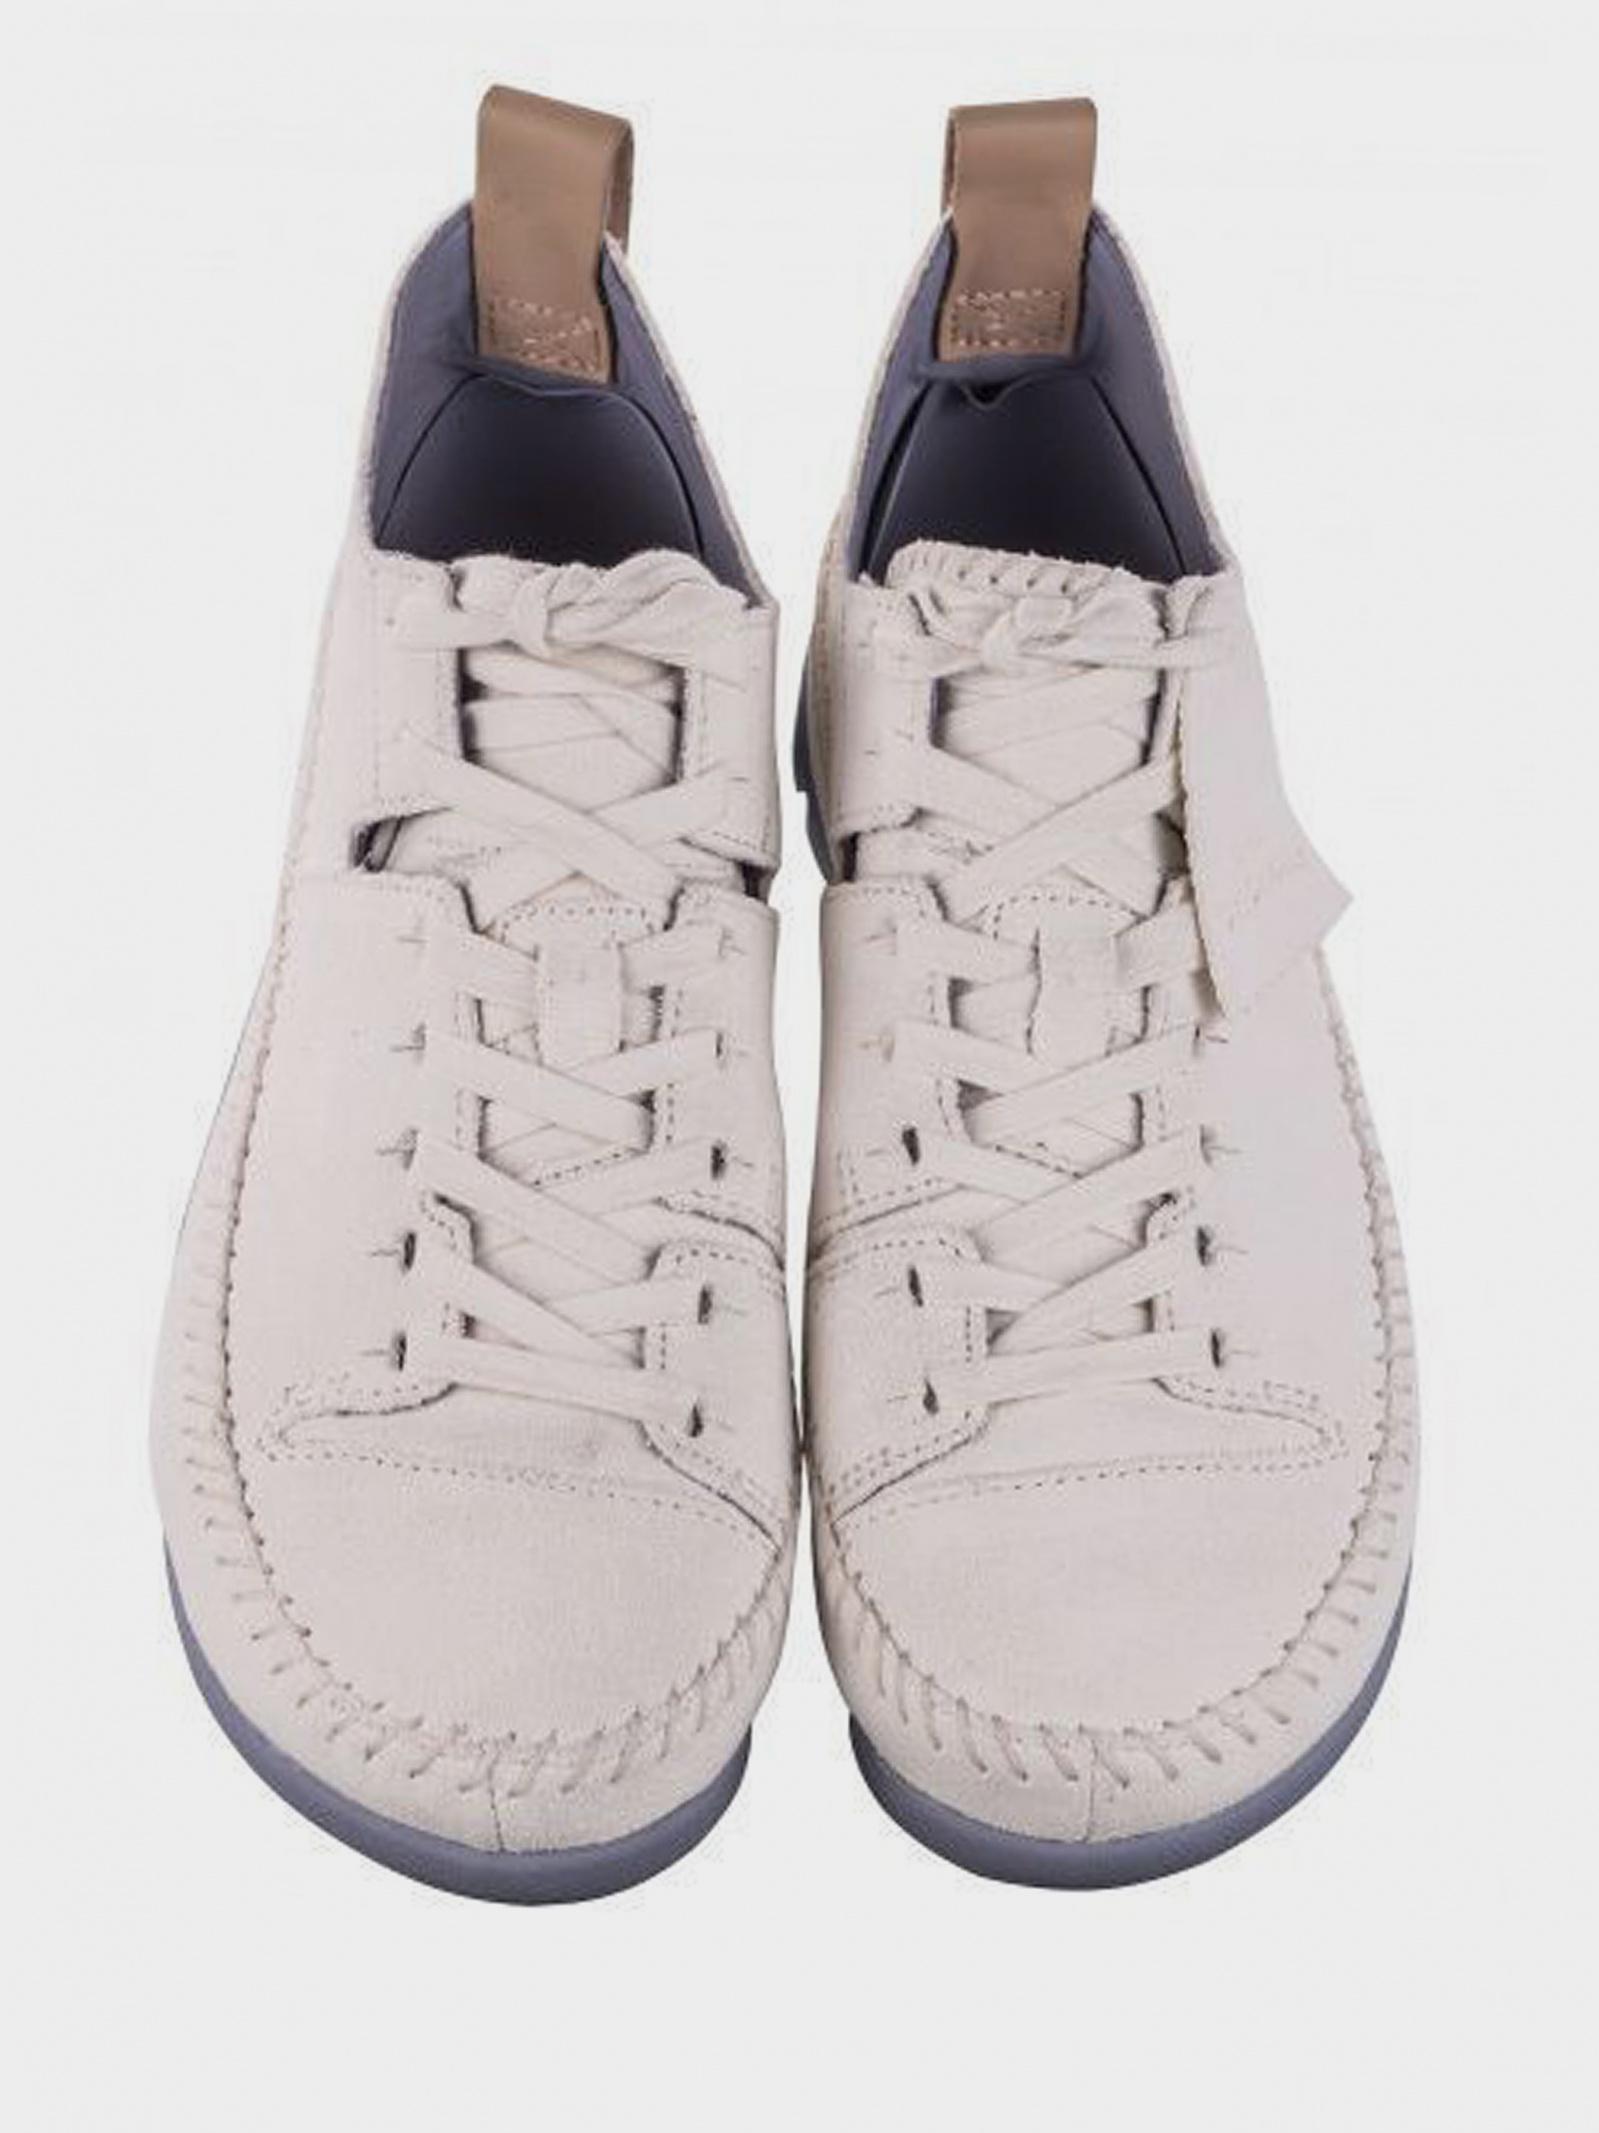 Напівчеревики  жіночі Clarks Trigenic Flex 2614-0919 модне взуття, 2017